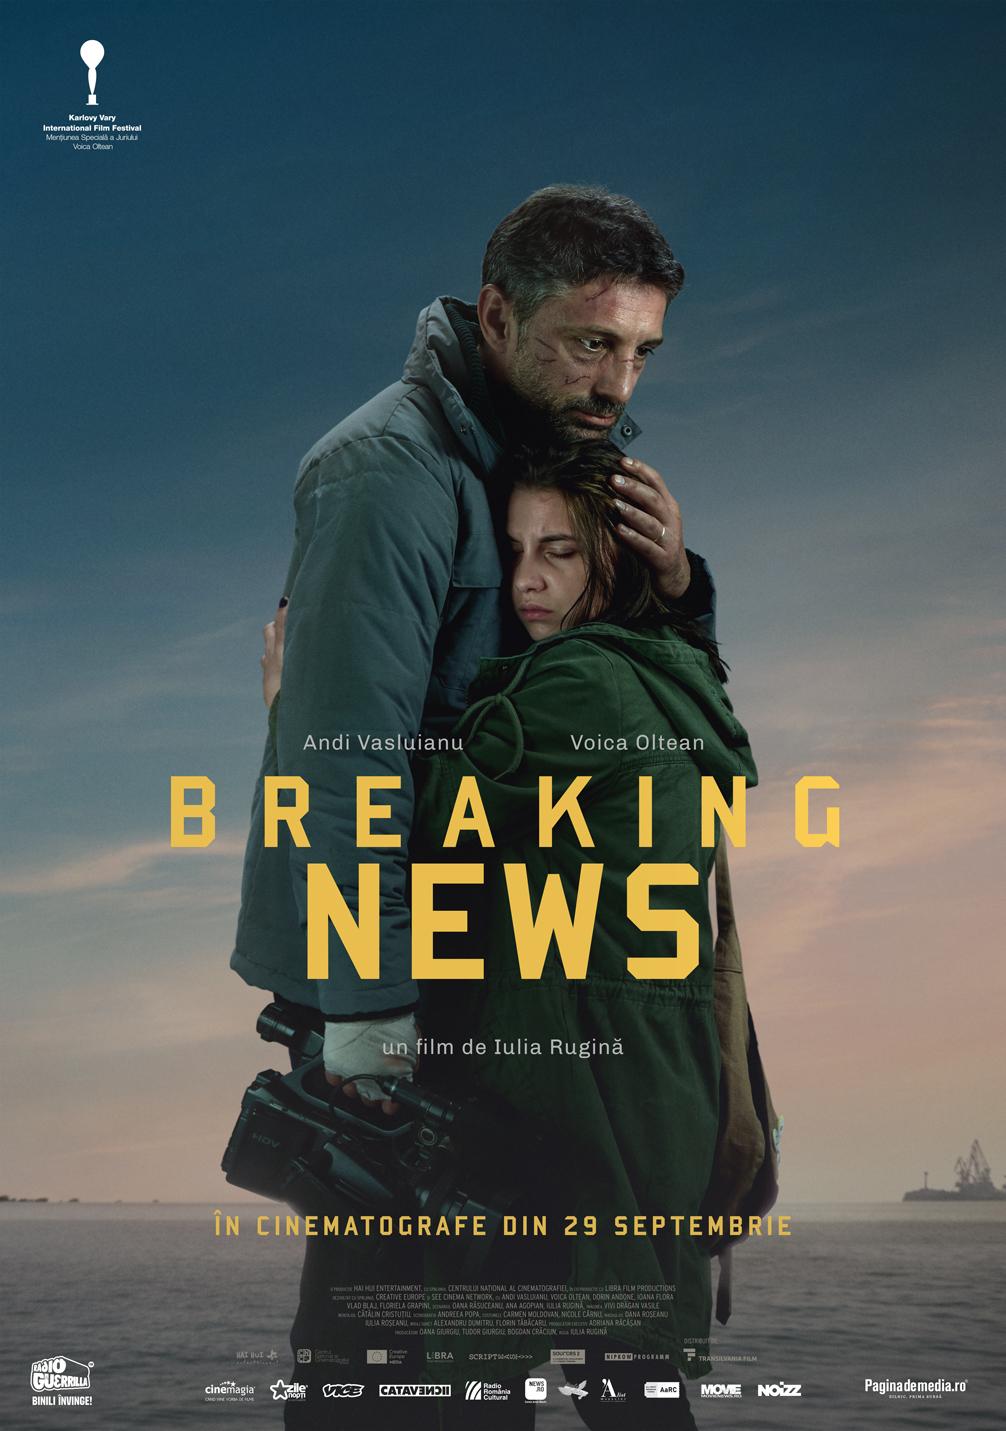 """Andi Vasluianu în """"Breaking News""""  """"Jurnalismul e adrenalină. E ca la actori, nu te lasă în pace, altfel nu funcționezi"""""""